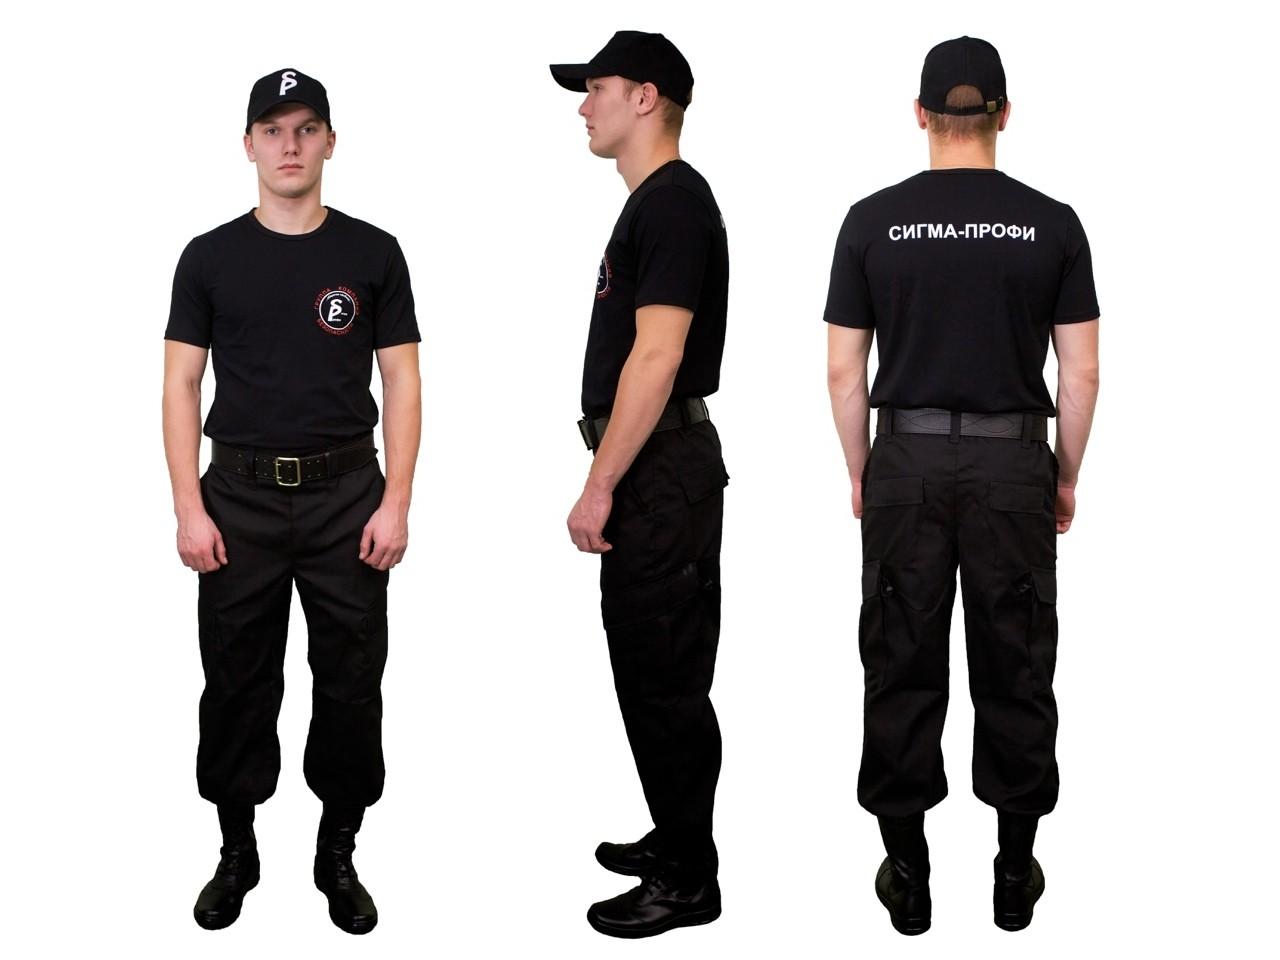 форма одежды охранника фото желудок, вязкая нежная